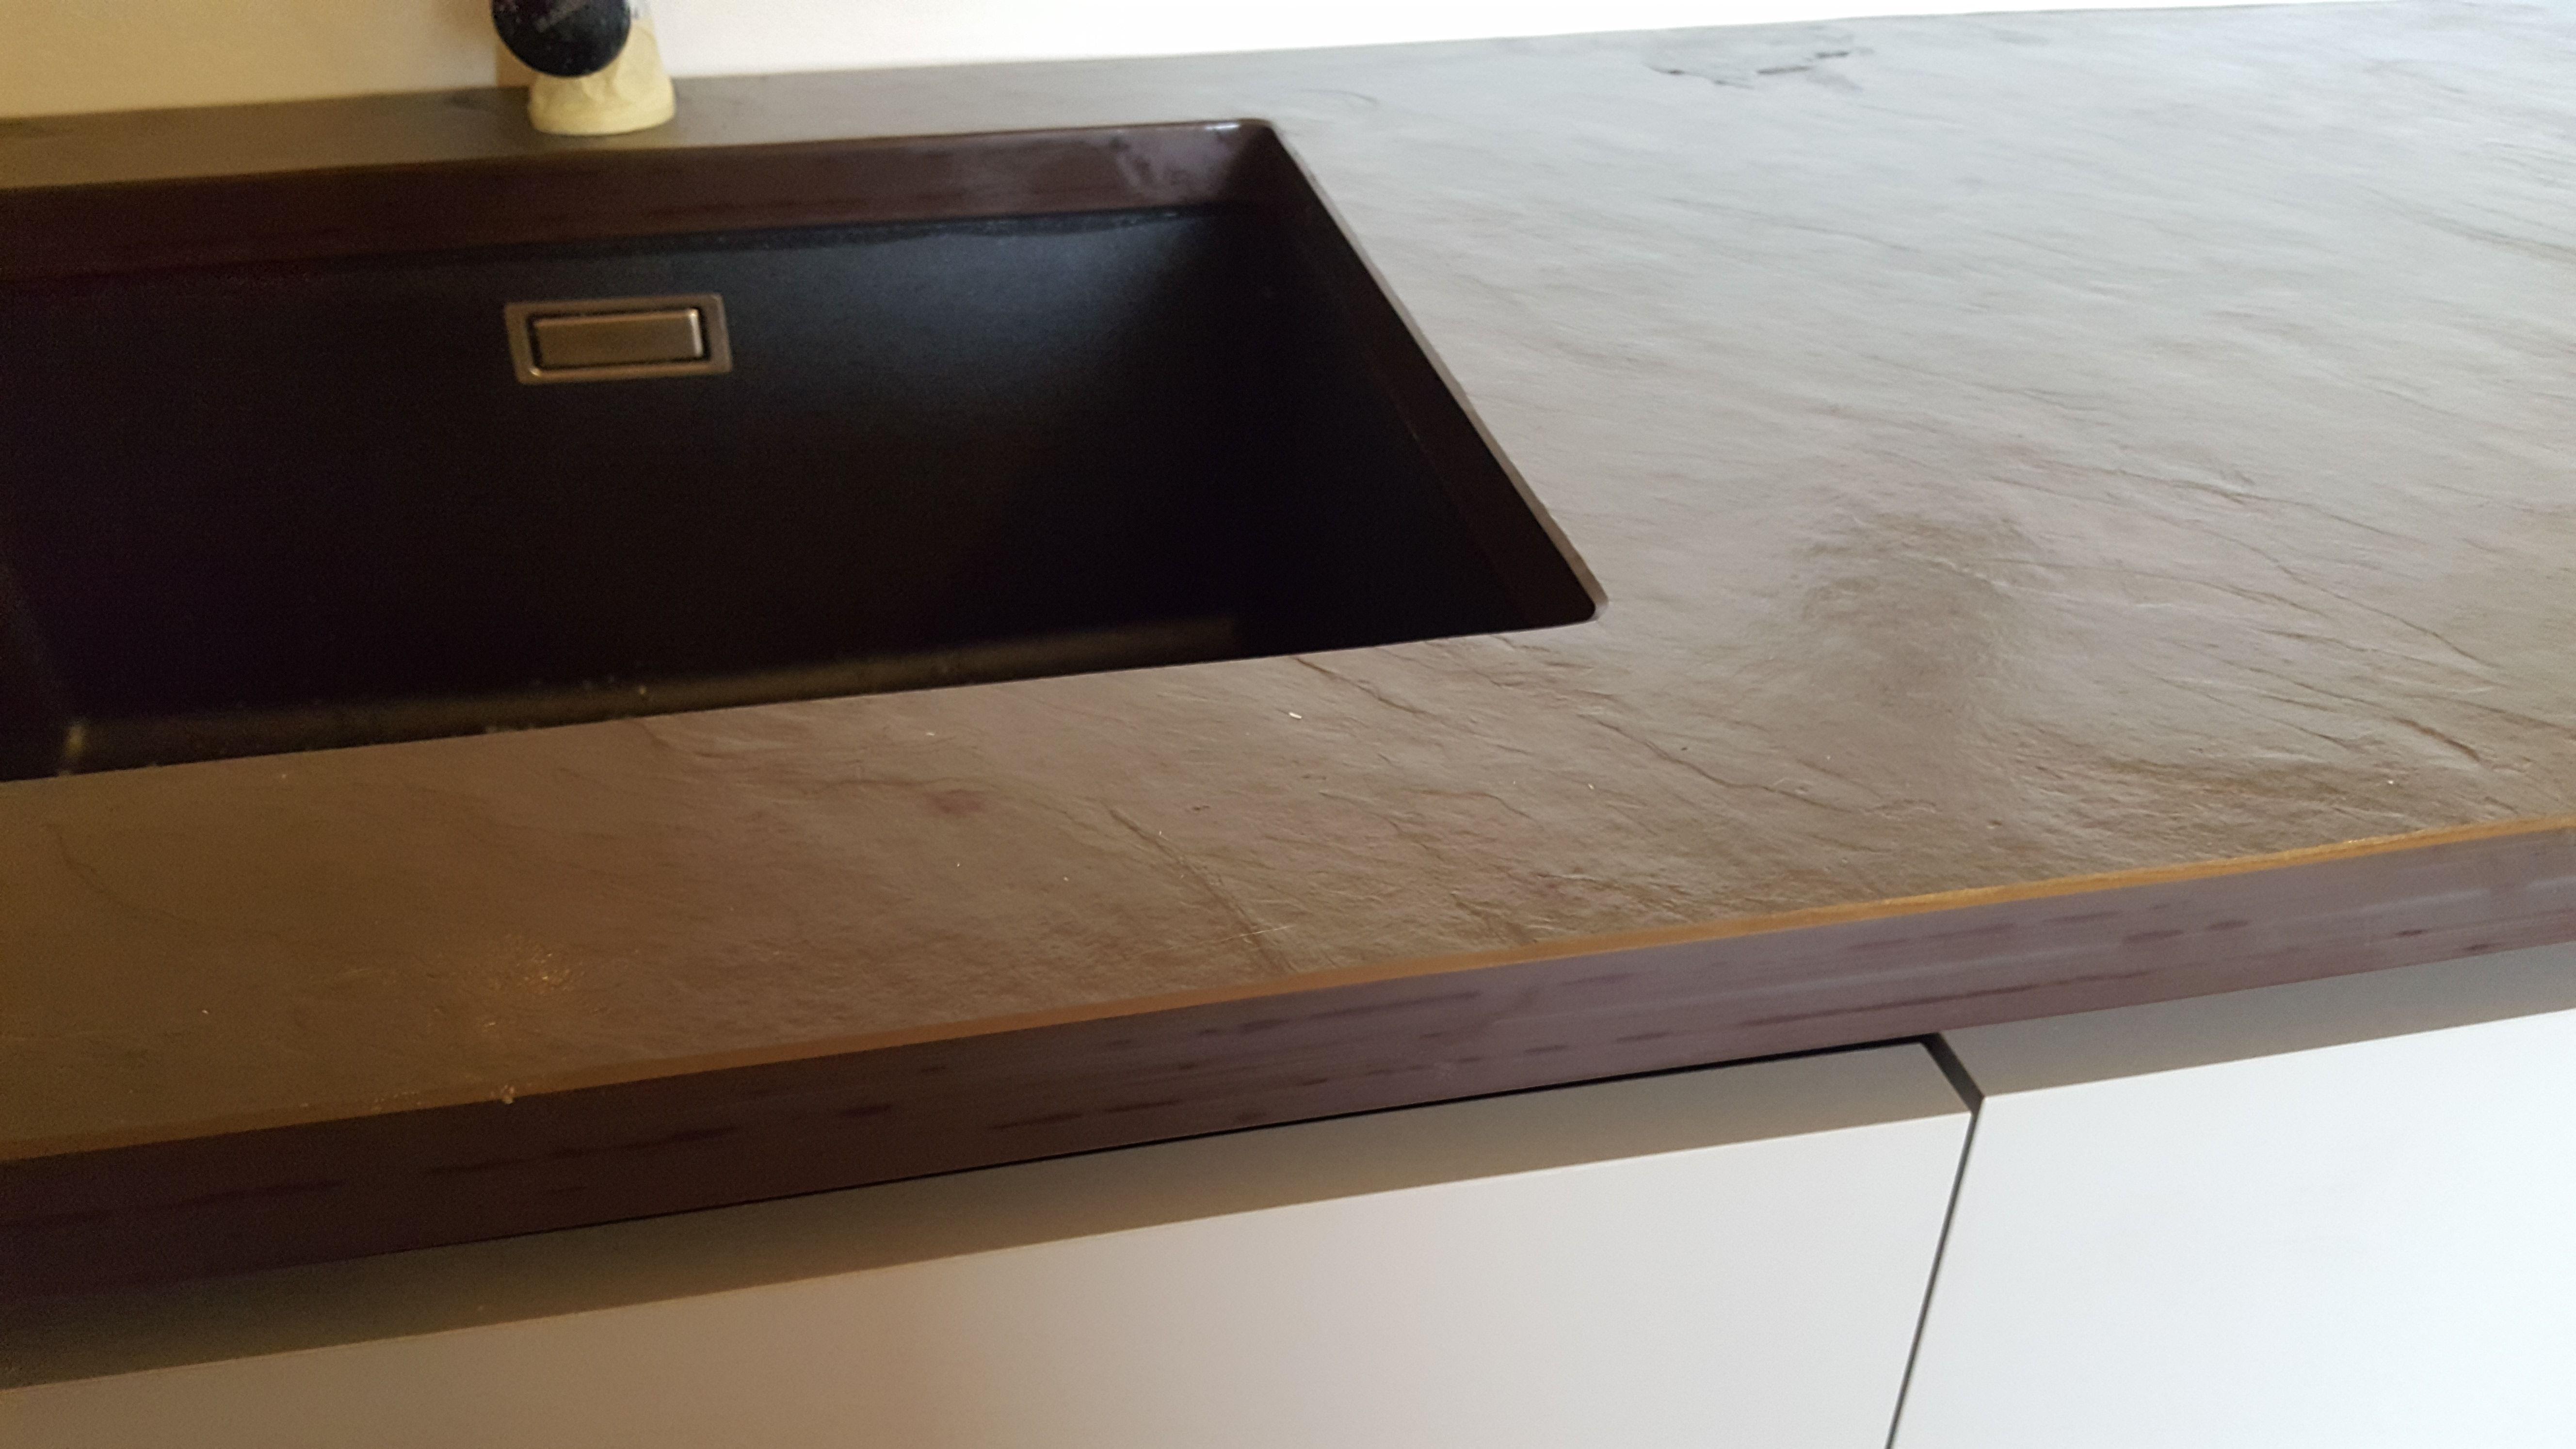 Top cucina in ardesia bord piano naturale con lavello for Foro areazione cucina